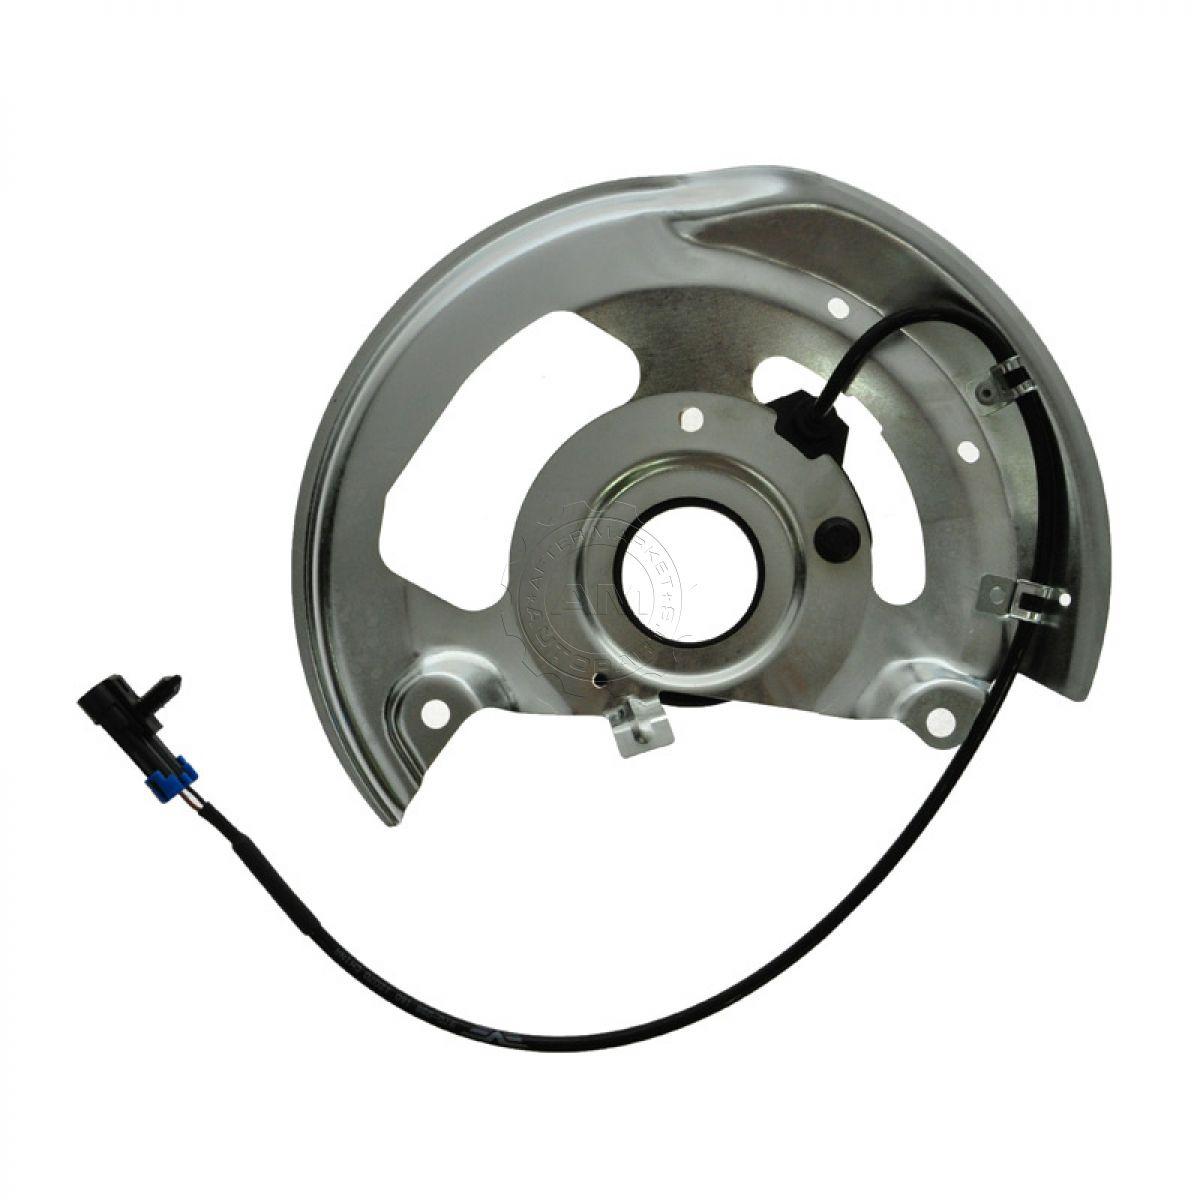 Front Wheel Abs Sensor W   Harness  U0026 Dust Shield Right Rh